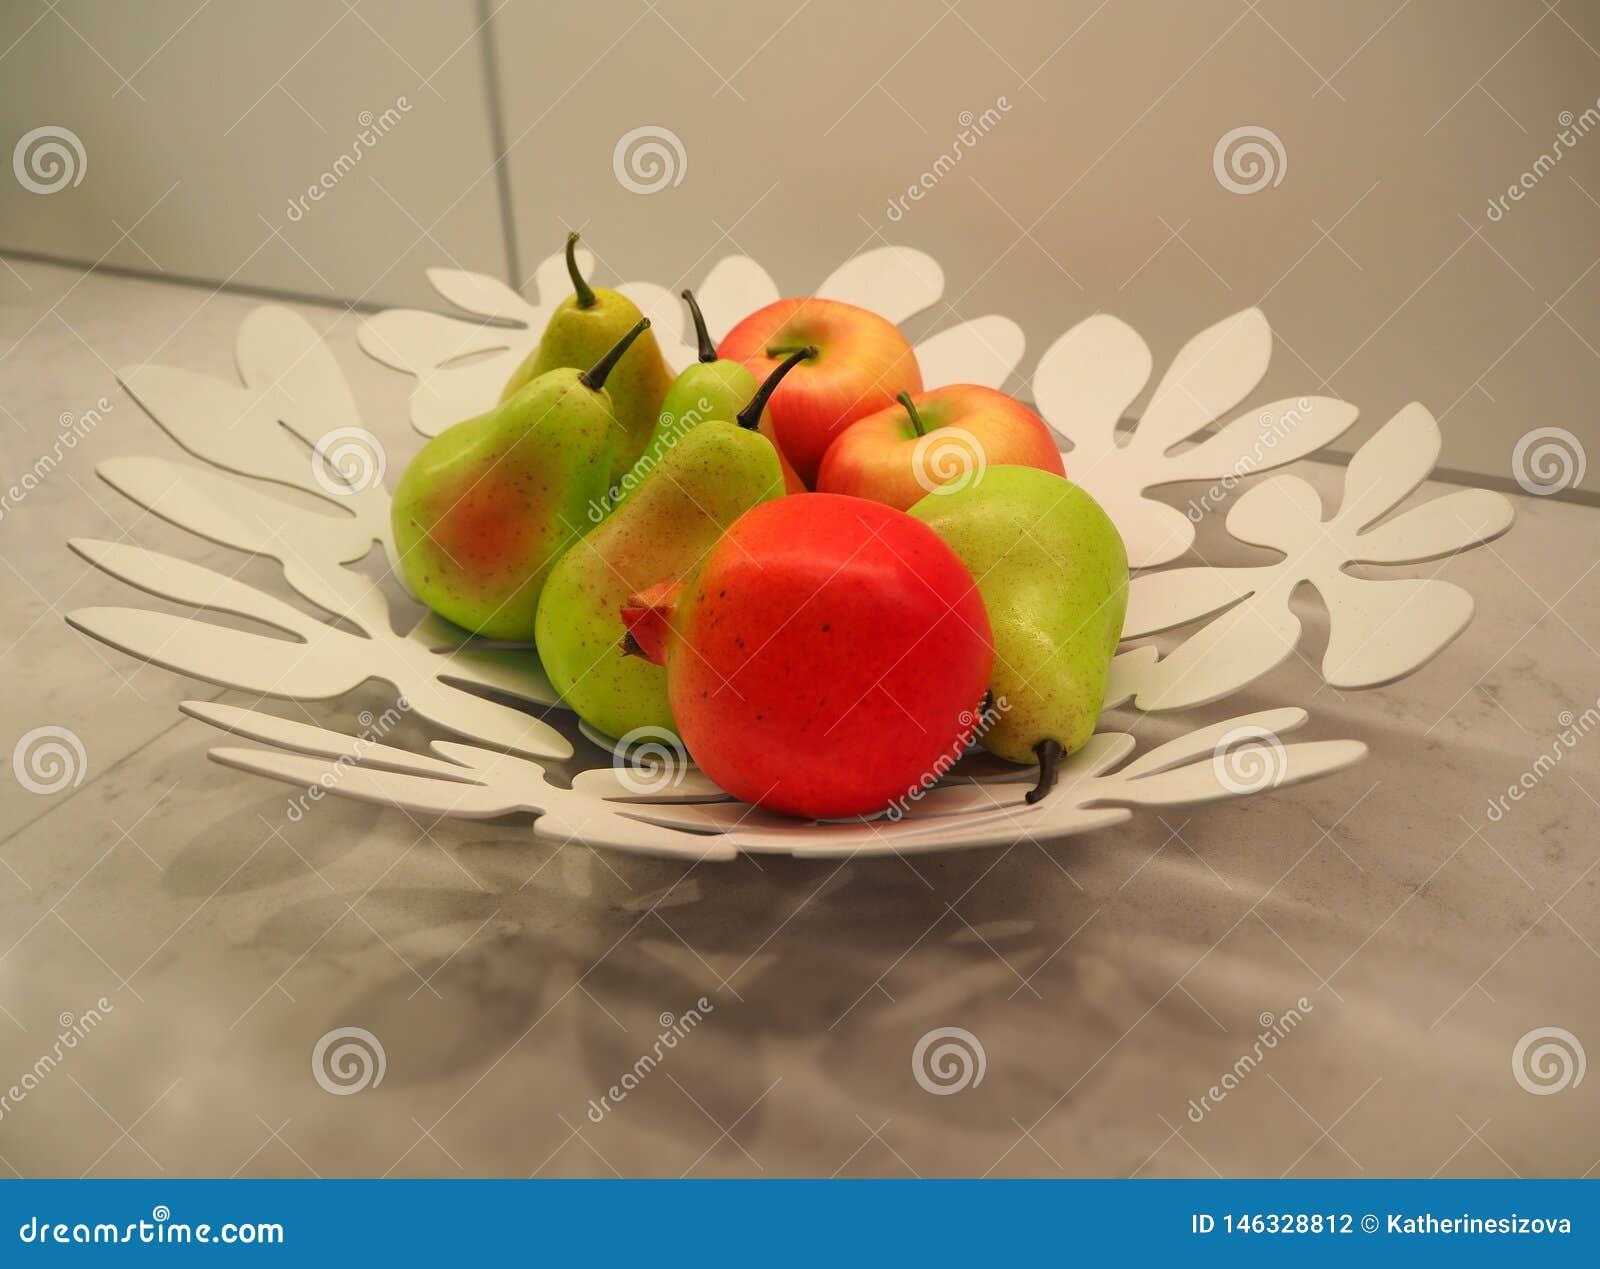 Bonkrety i jabłka na talerzu jako dekoracja kuchenny stół